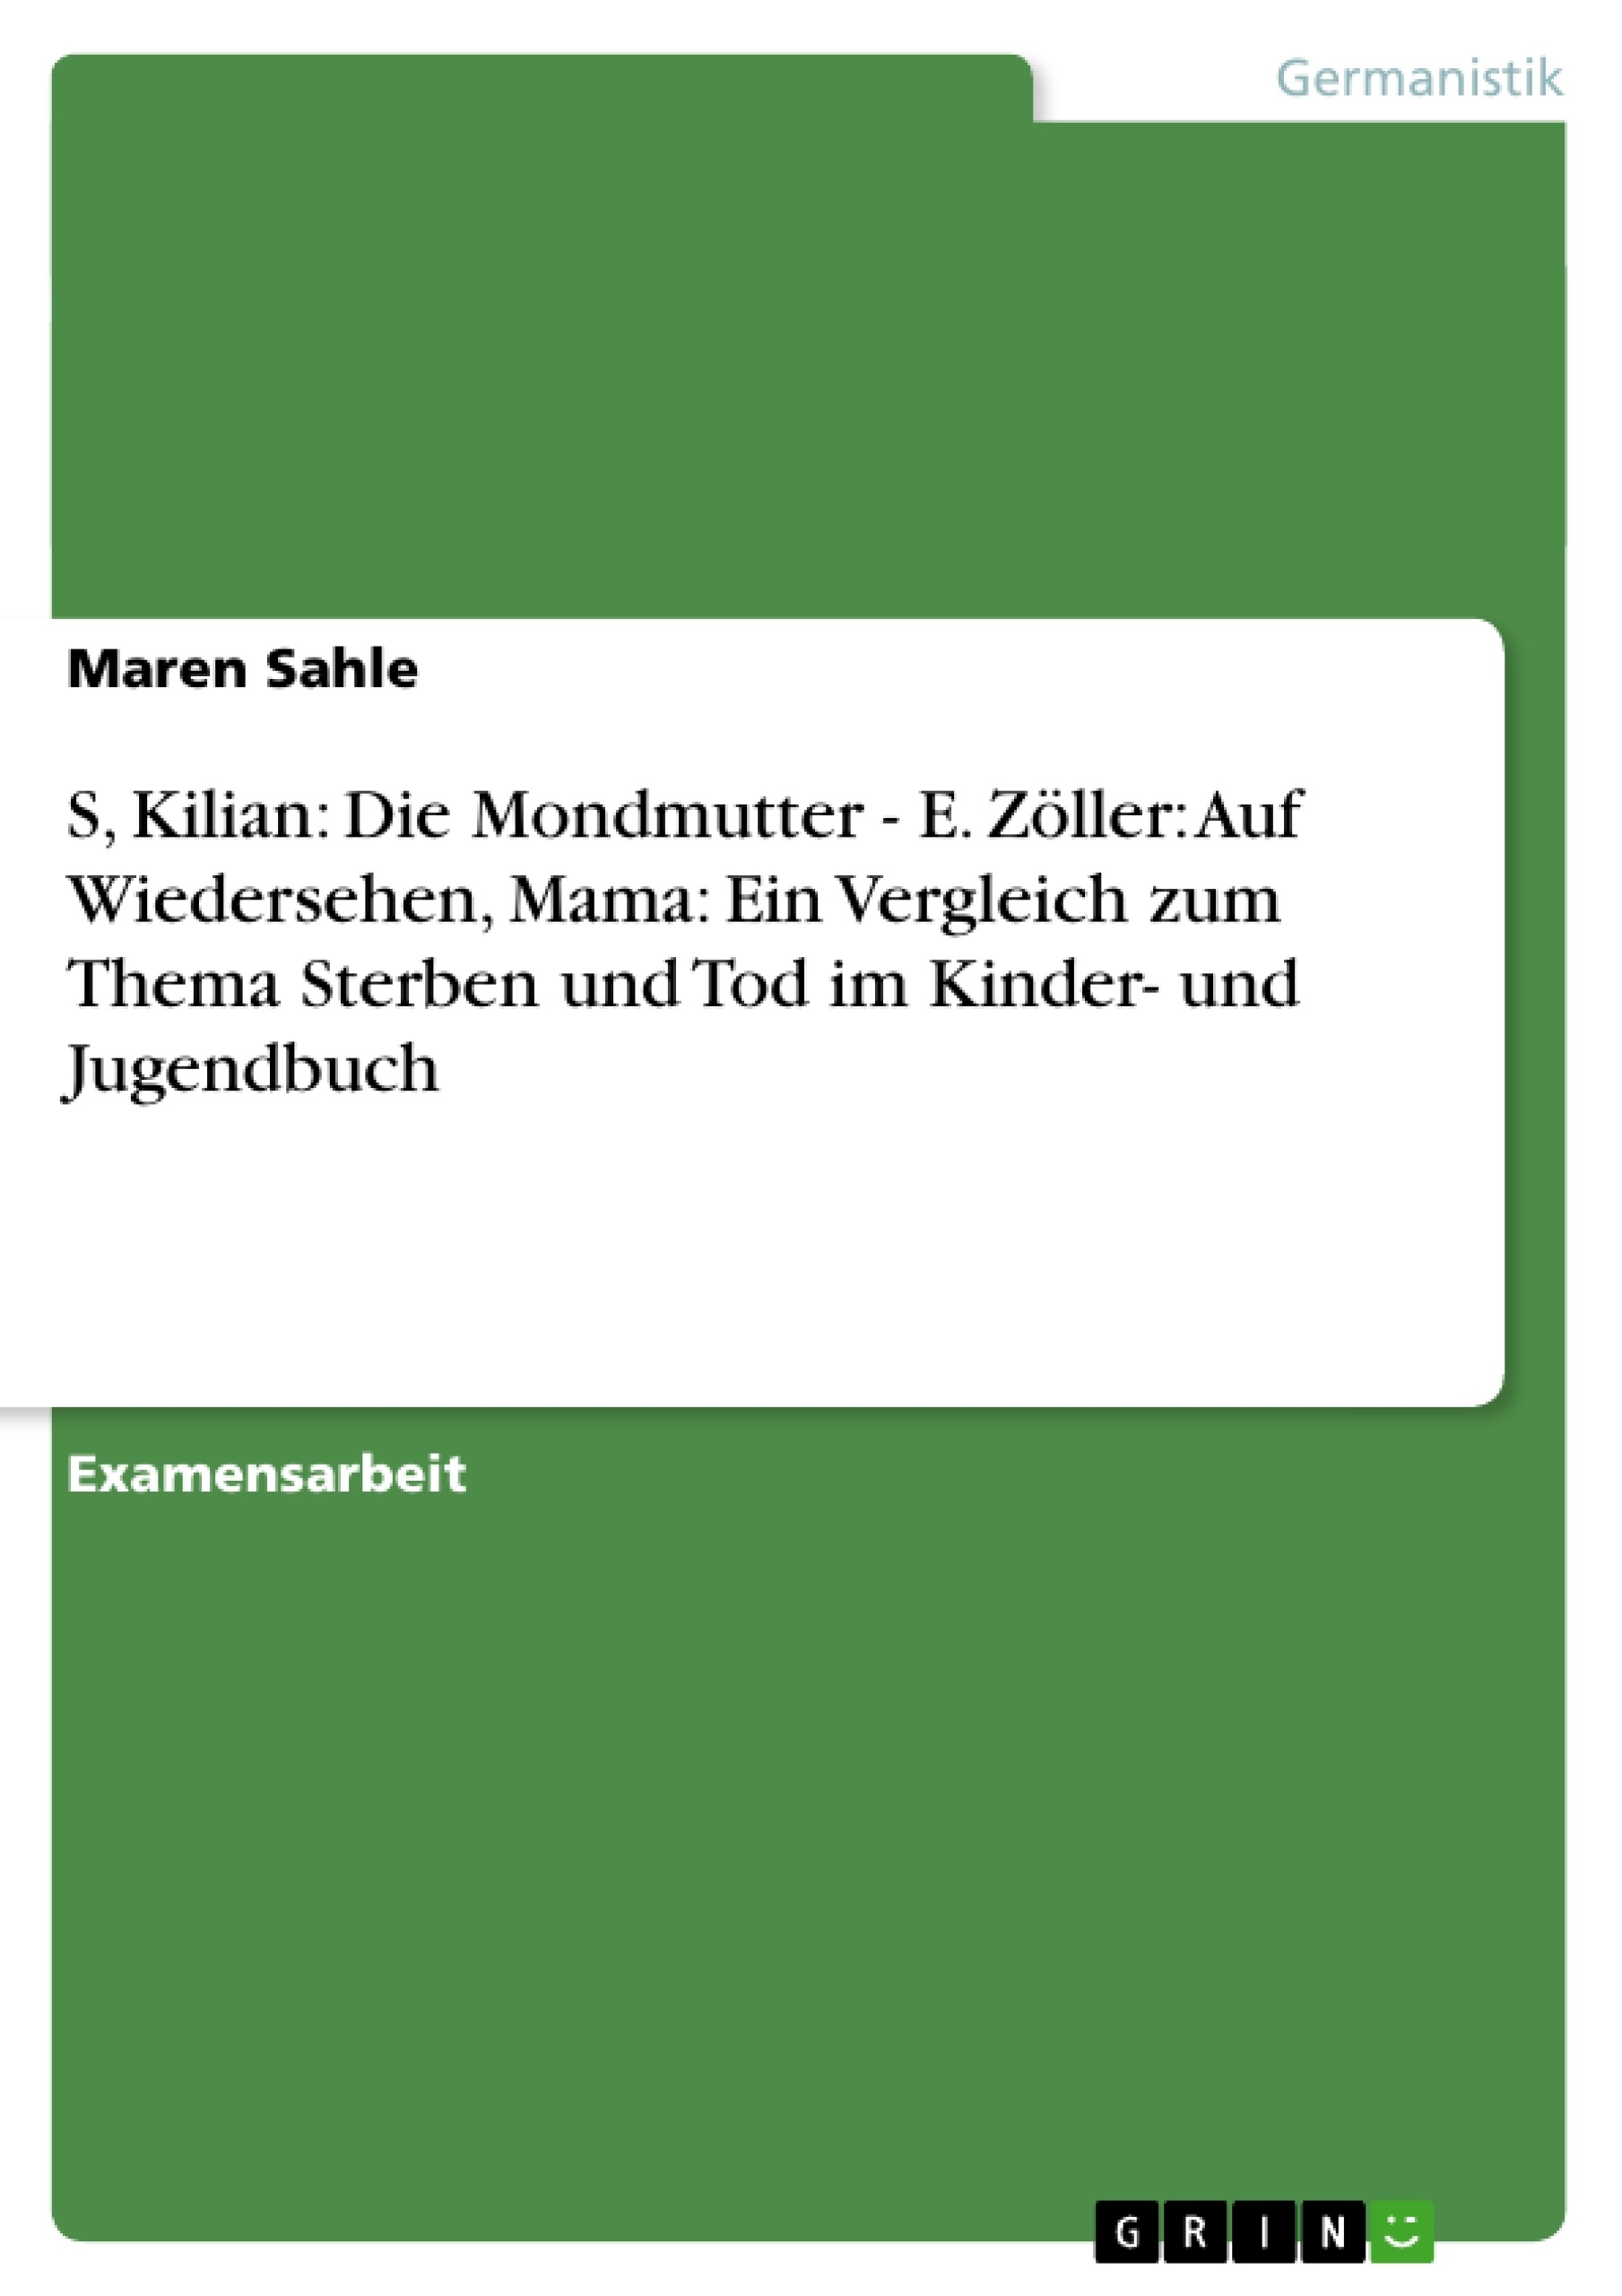 Titel: S, Kilian: Die Mondmutter - E. Zöller: Auf Wiedersehen, Mama: Ein Vergleich zum Thema Sterben und Tod im Kinder- und Jugendbuch